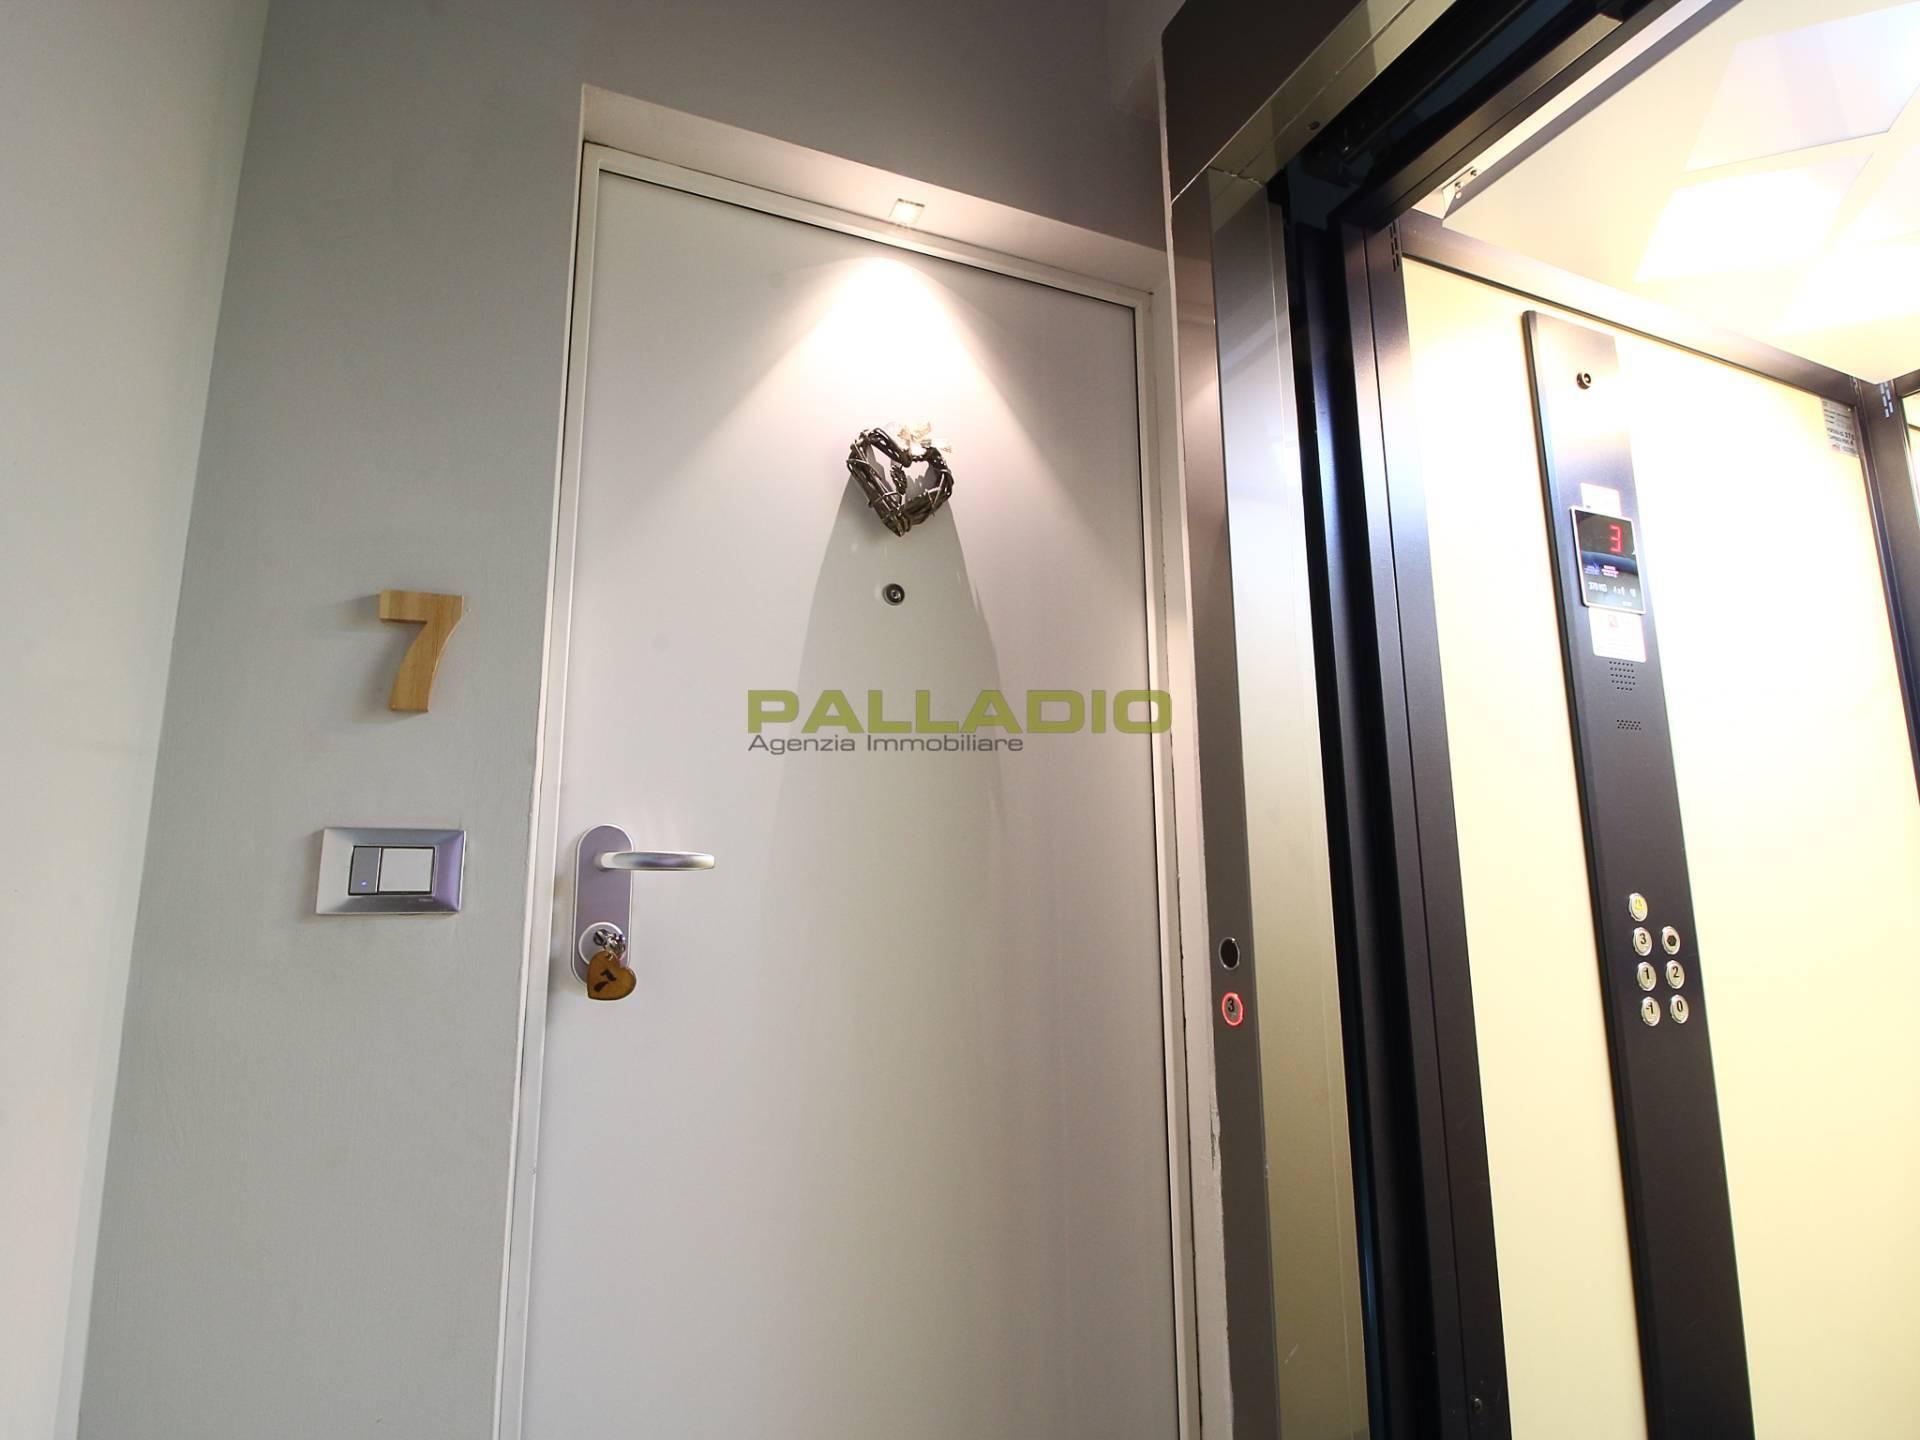 Appartamento in vendita a Aosta, 2 locali, zona Zona: Centro, prezzo € 150.000   CambioCasa.it